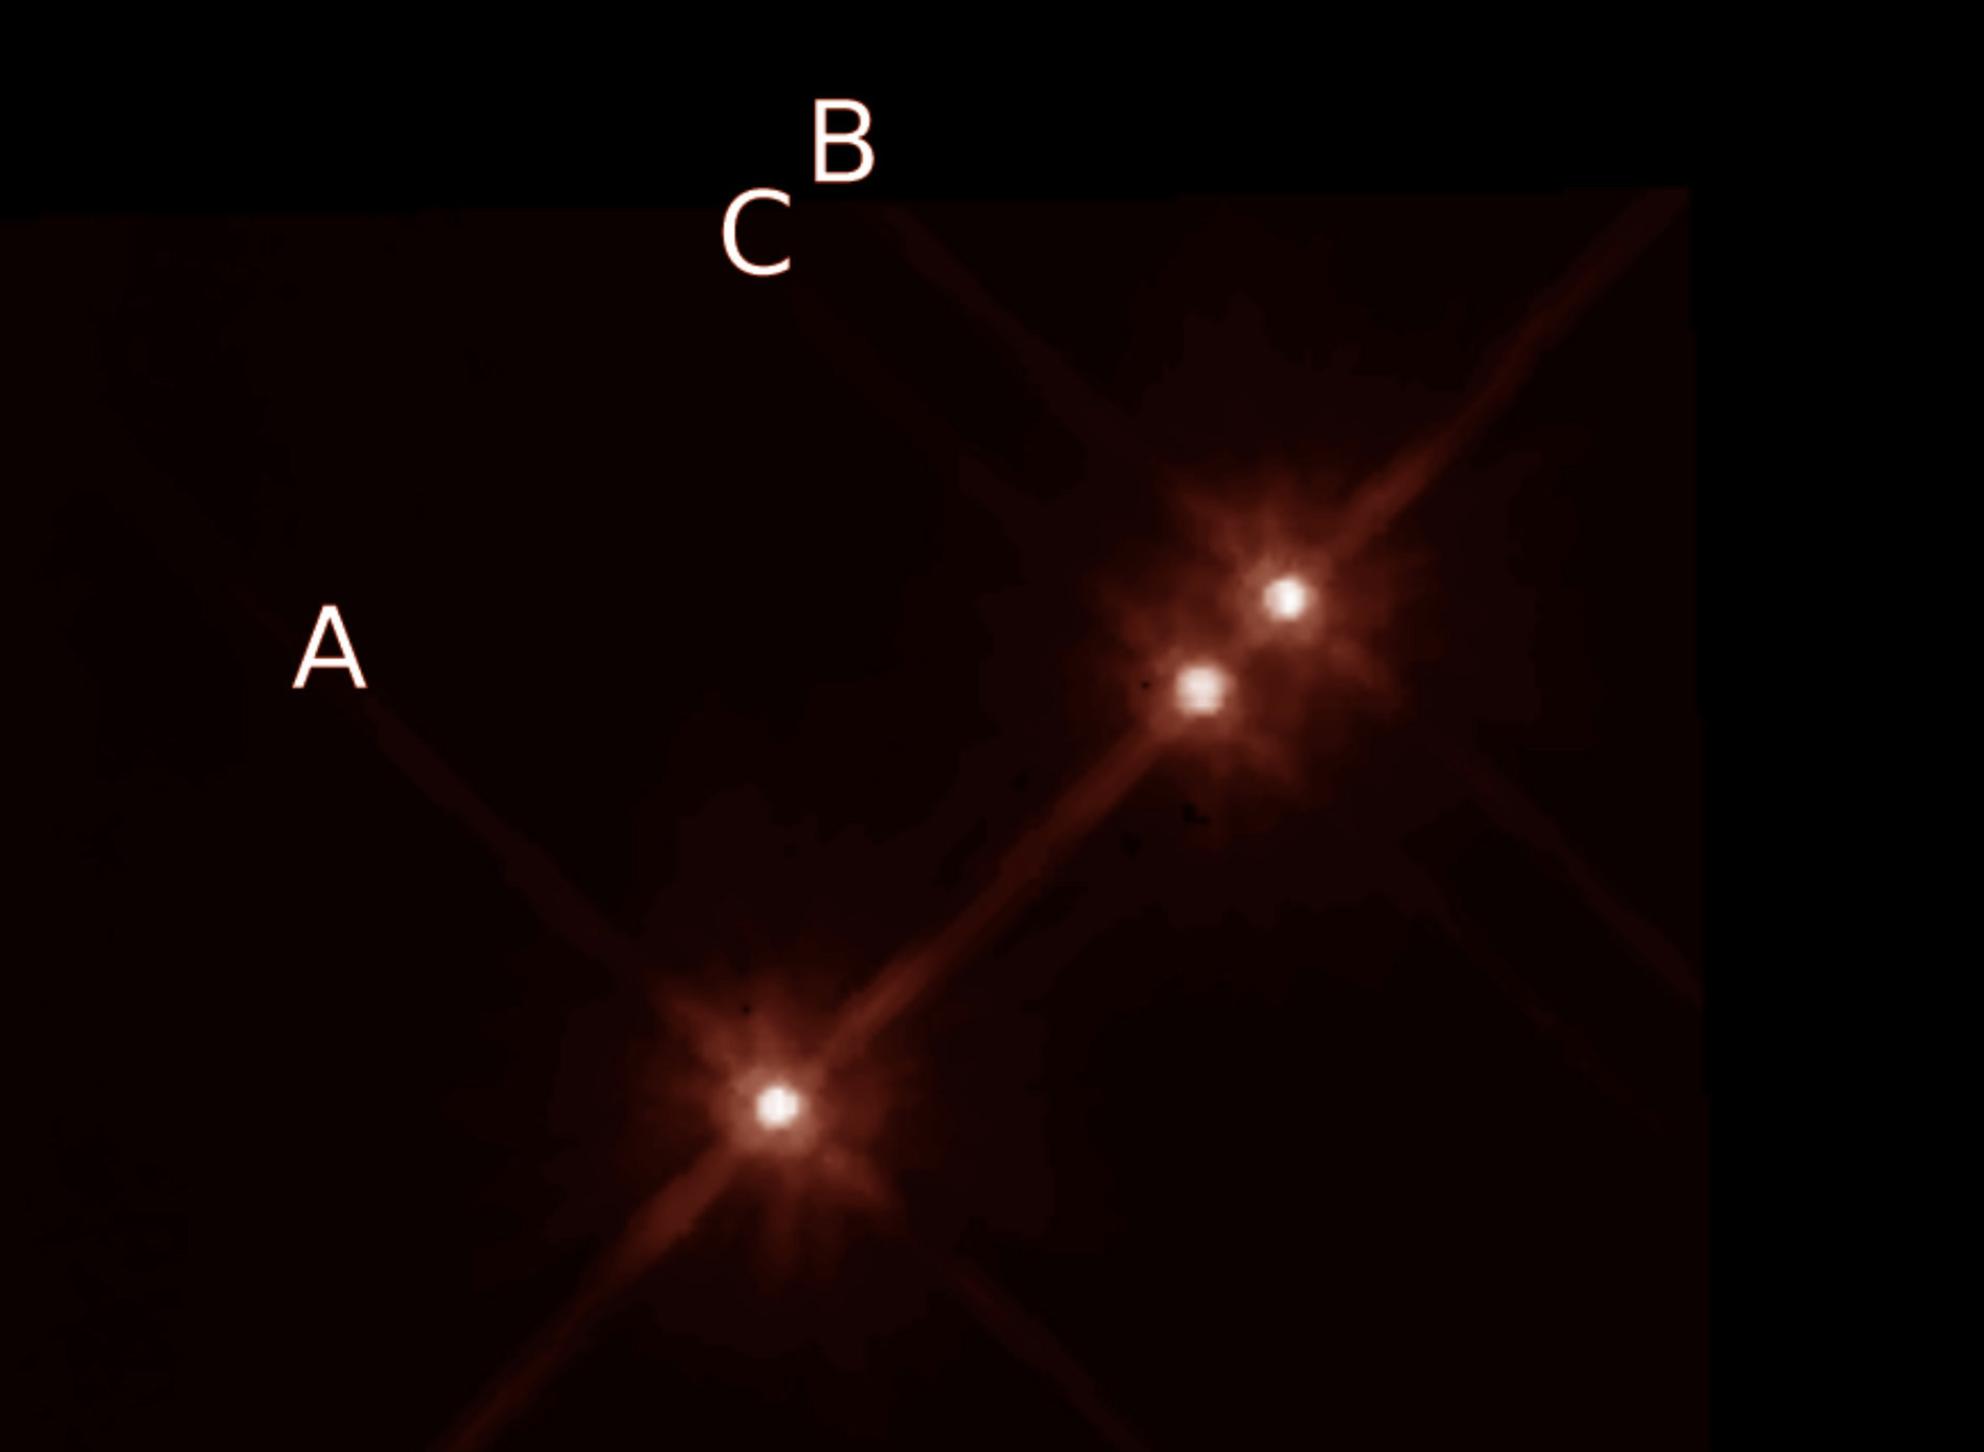 Ученые обнаружили экзопланету с тремя звездами всего в 22,5 световых годах от Земли.Вокруг Света. Украина